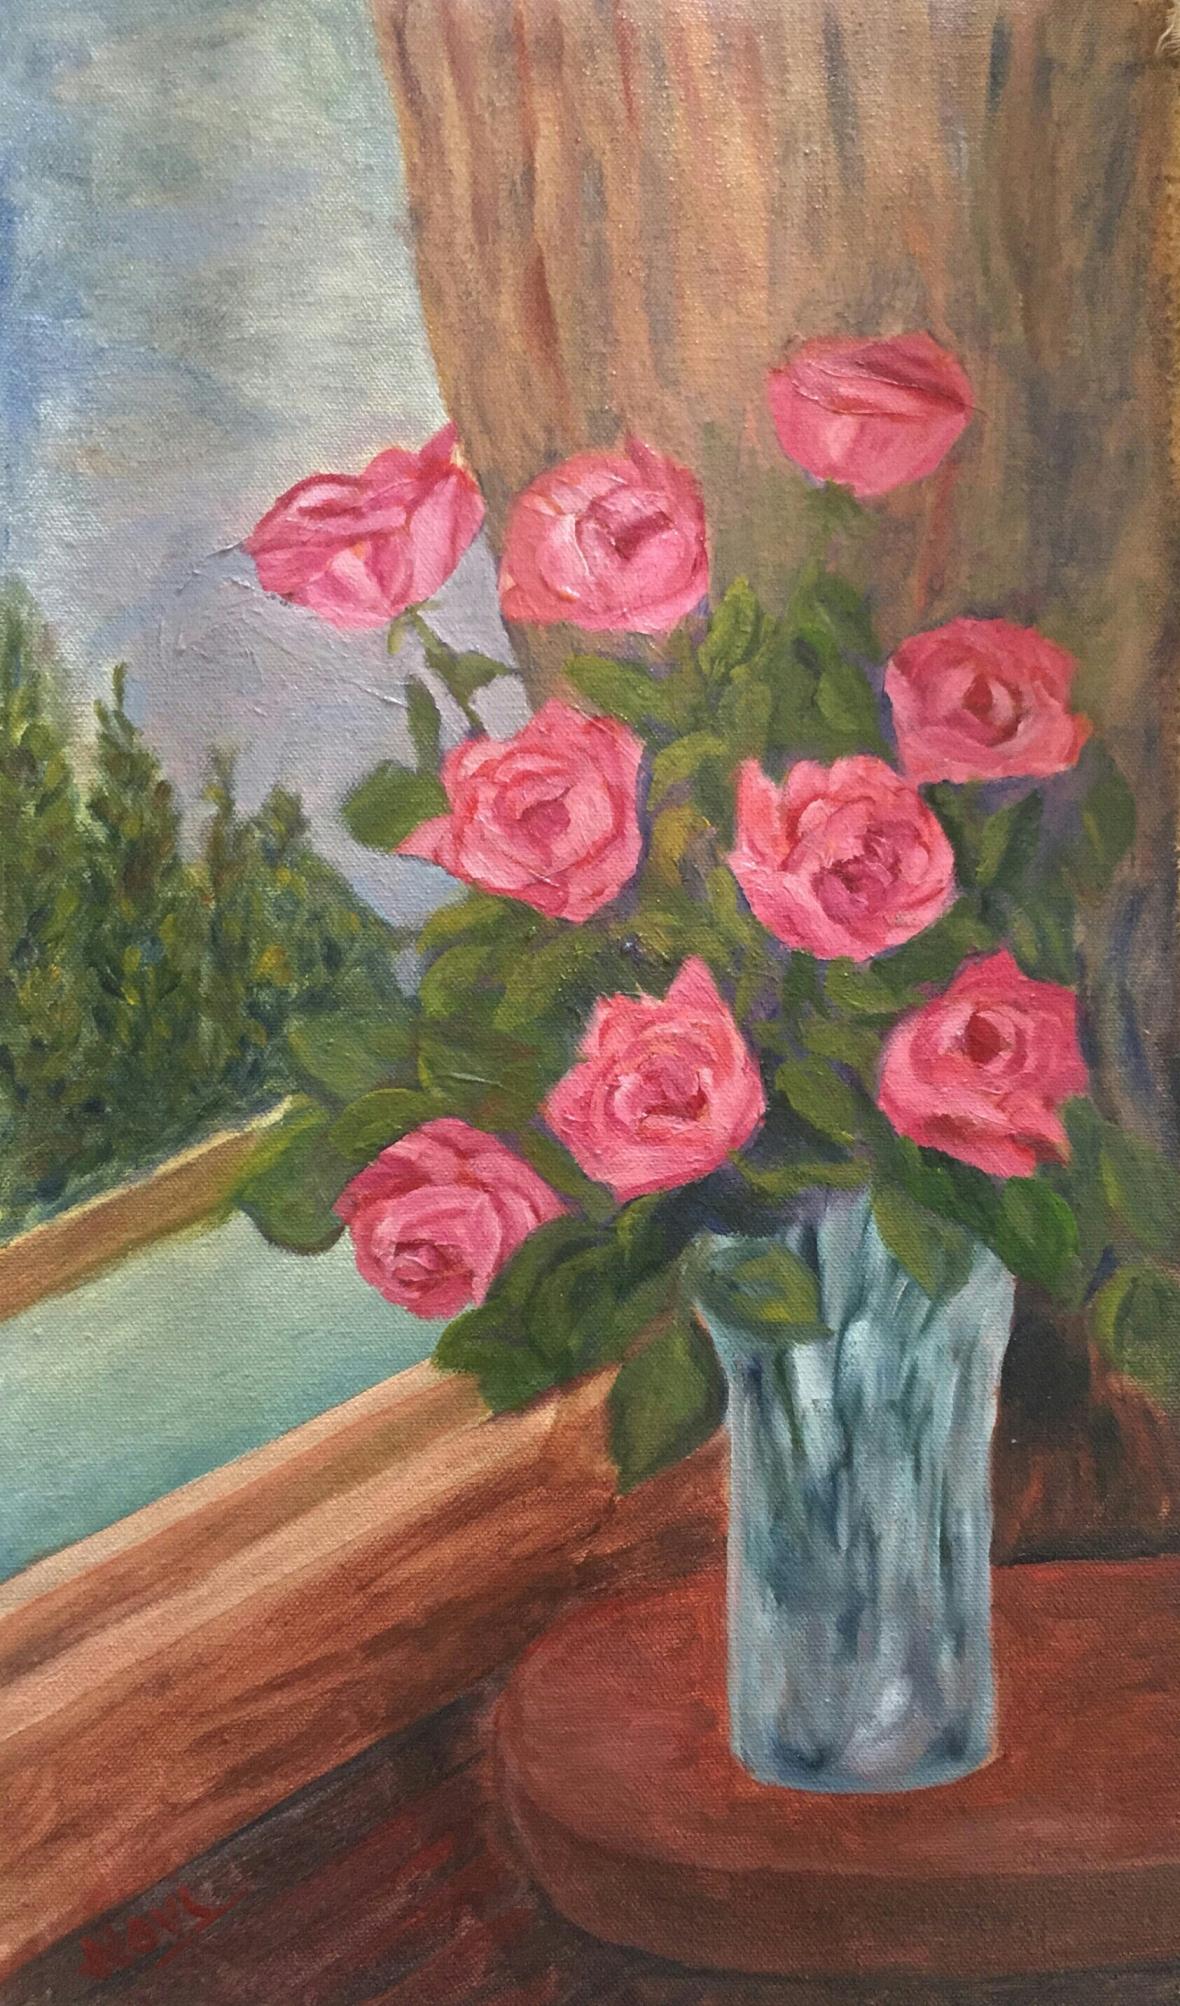 Pink Roses in a Crystal Vase original oil painting by Navdeep Kular